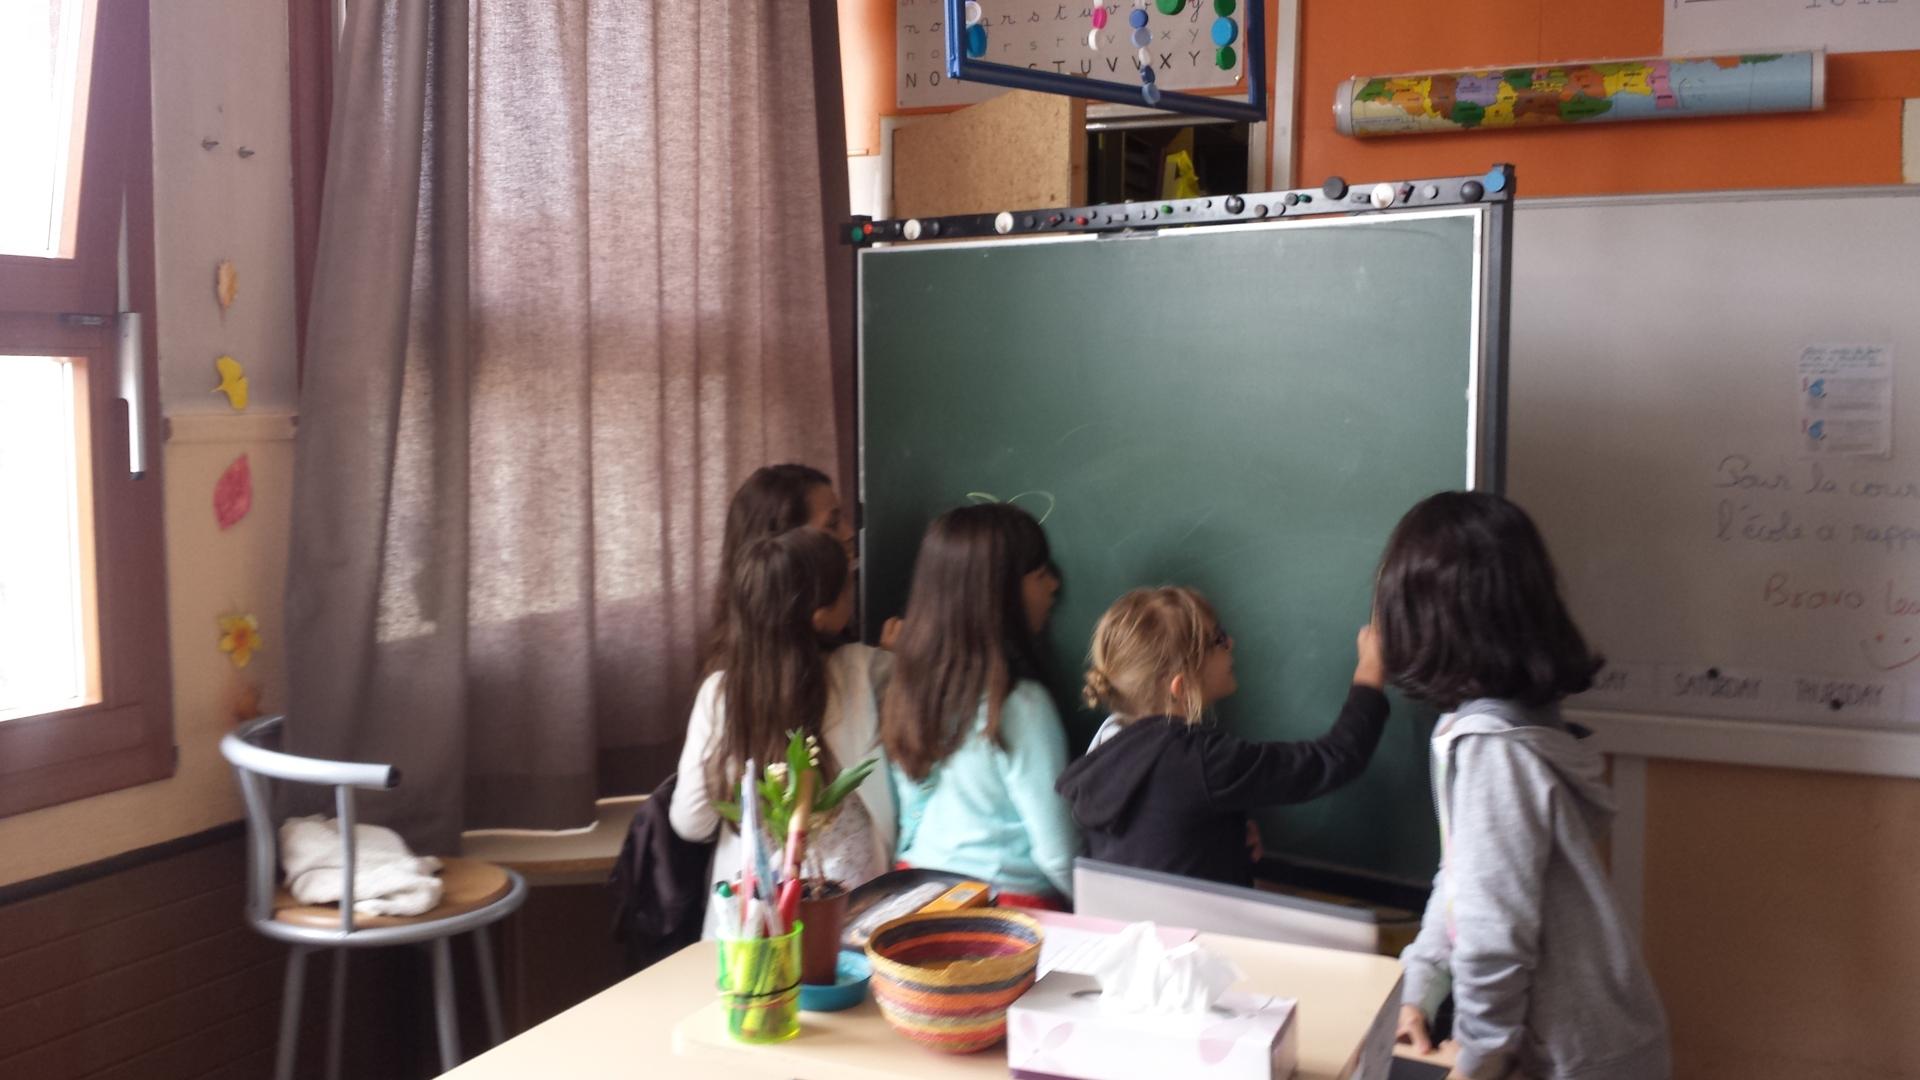 Salle de classe - école élémentaire